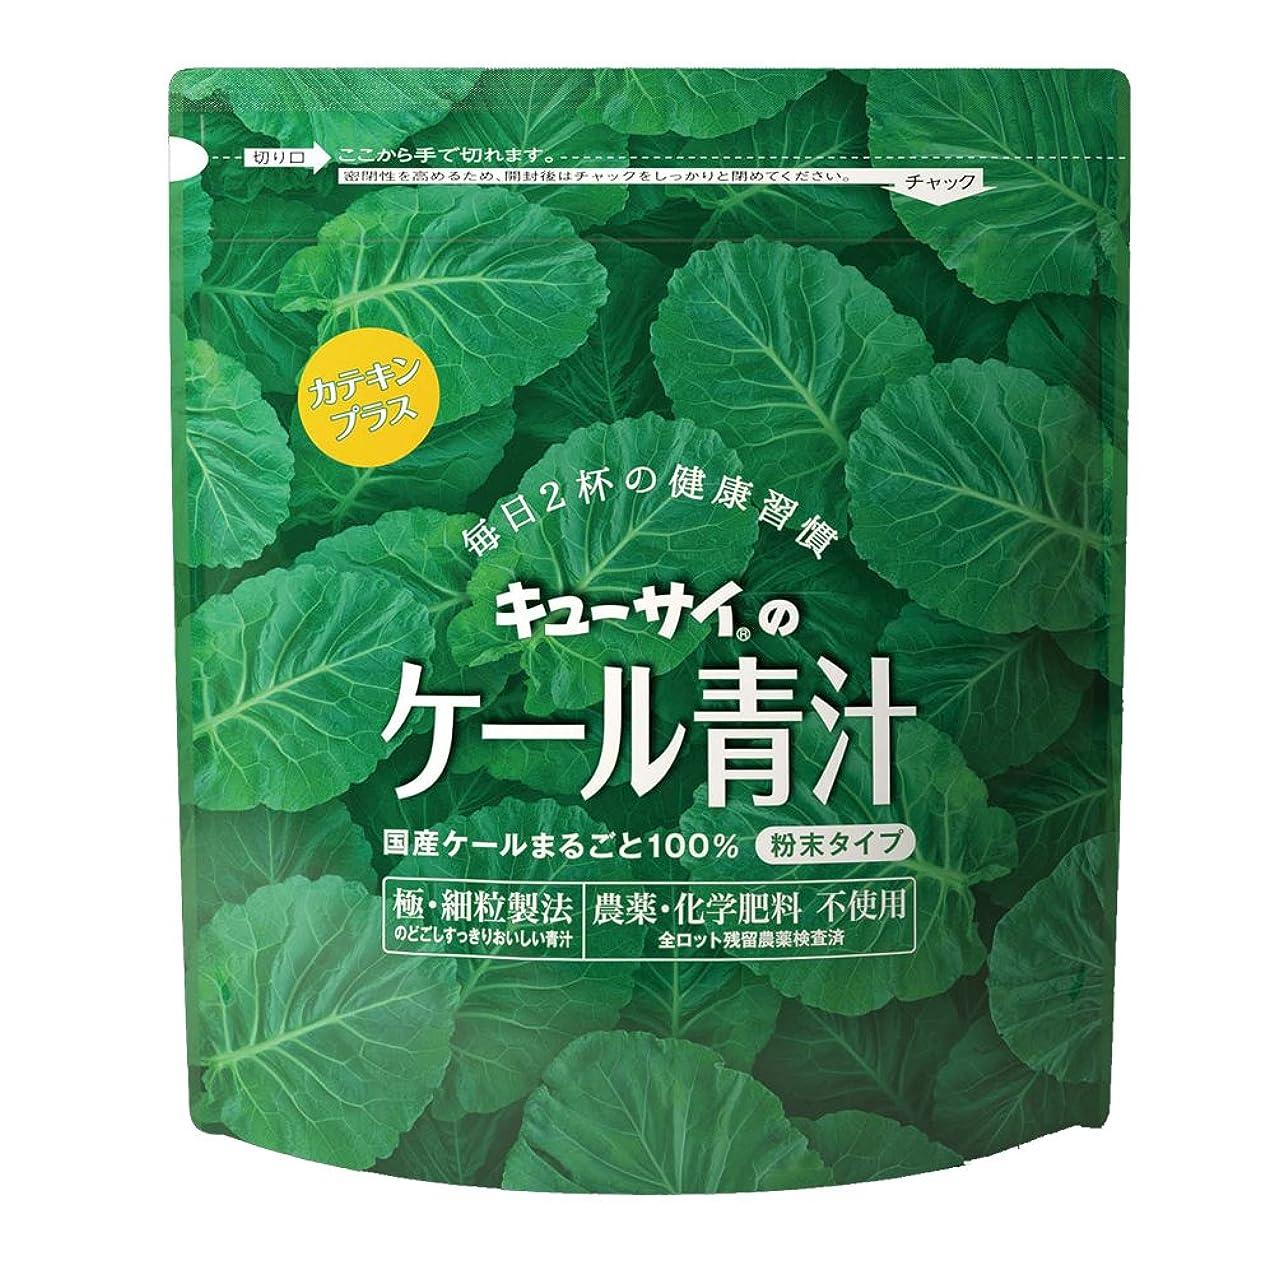 質素なリゾートジャグリングキューサイ 青汁カテキンプラス420g(粉末タイプ)/国産ケール100%青汁にカテキン配合【1袋420g(約1カ月分)】